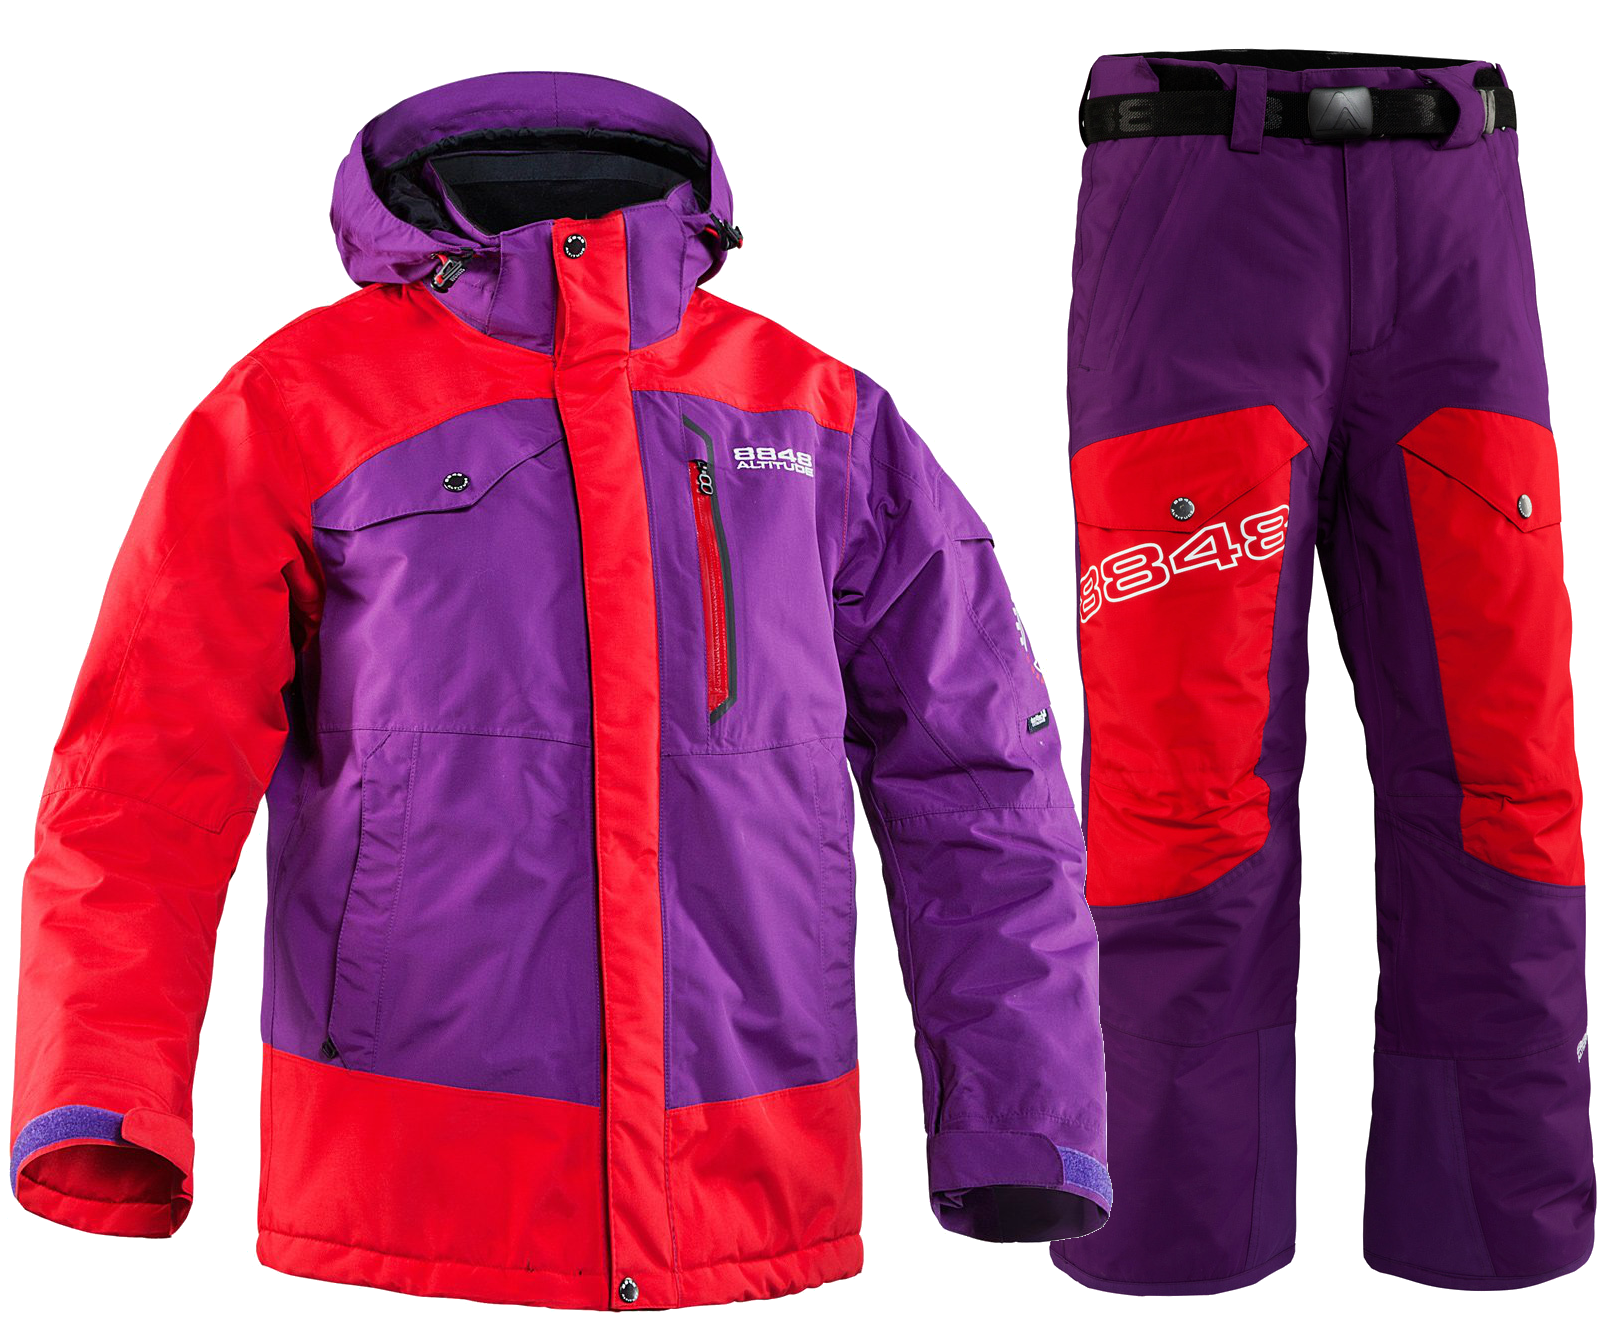 Детский горнолыжный костюм 8848 Altitude Loop-Flux 843976- 843776 | Интернет-магазин  Five-sport.ru